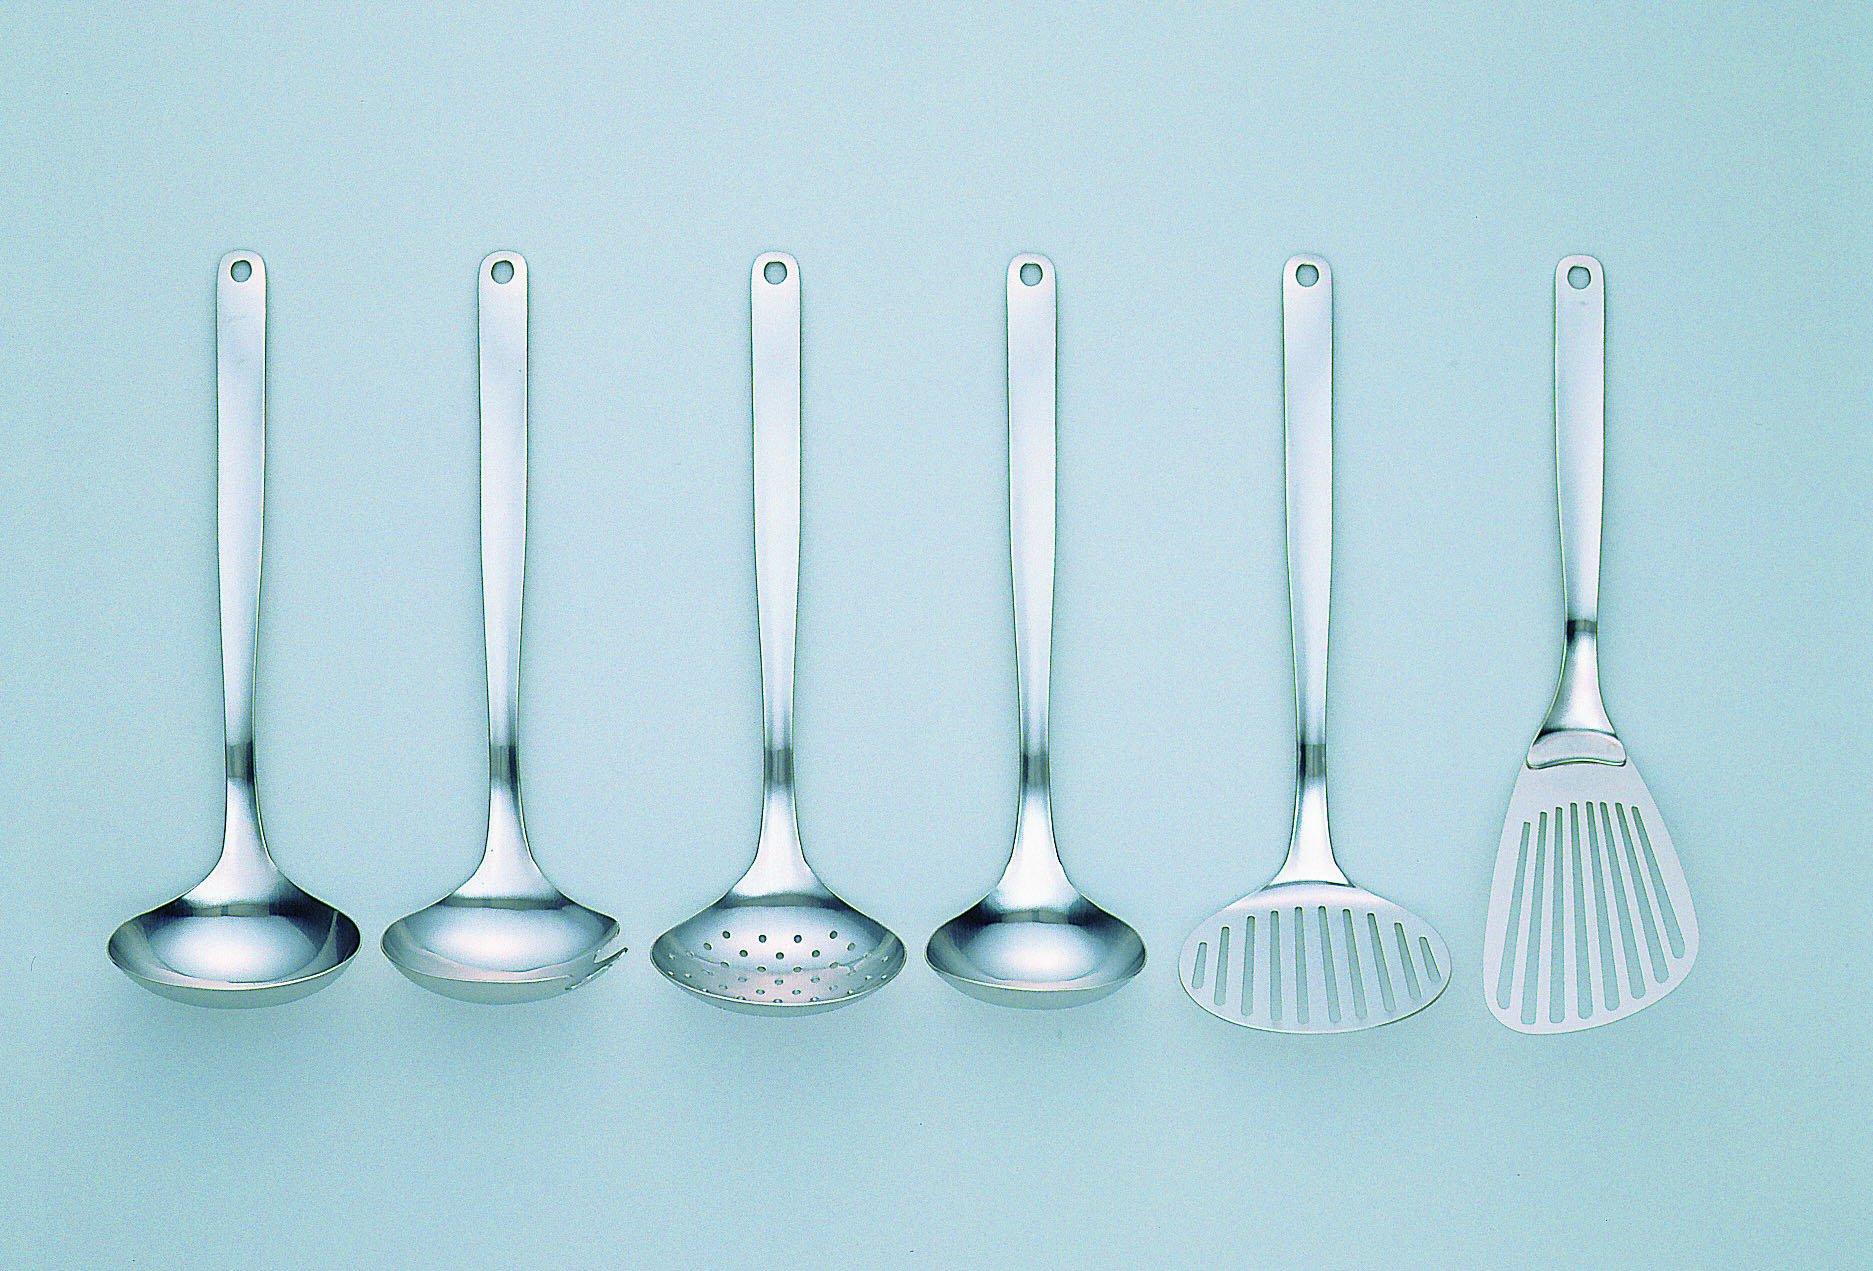 Sori Yanagi Kitchen tool set 6pcs (Japan Import)